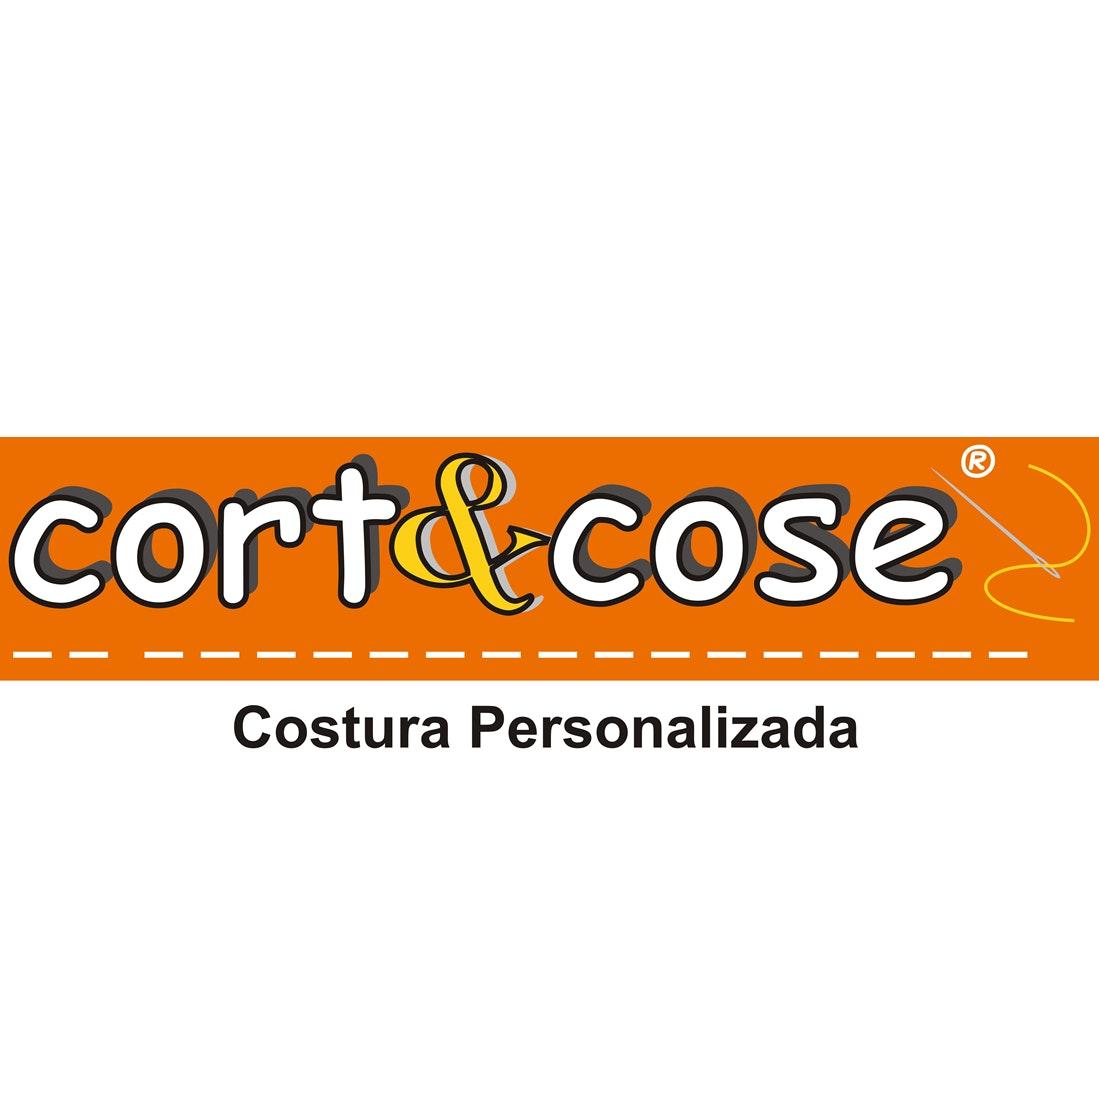 Cortecose